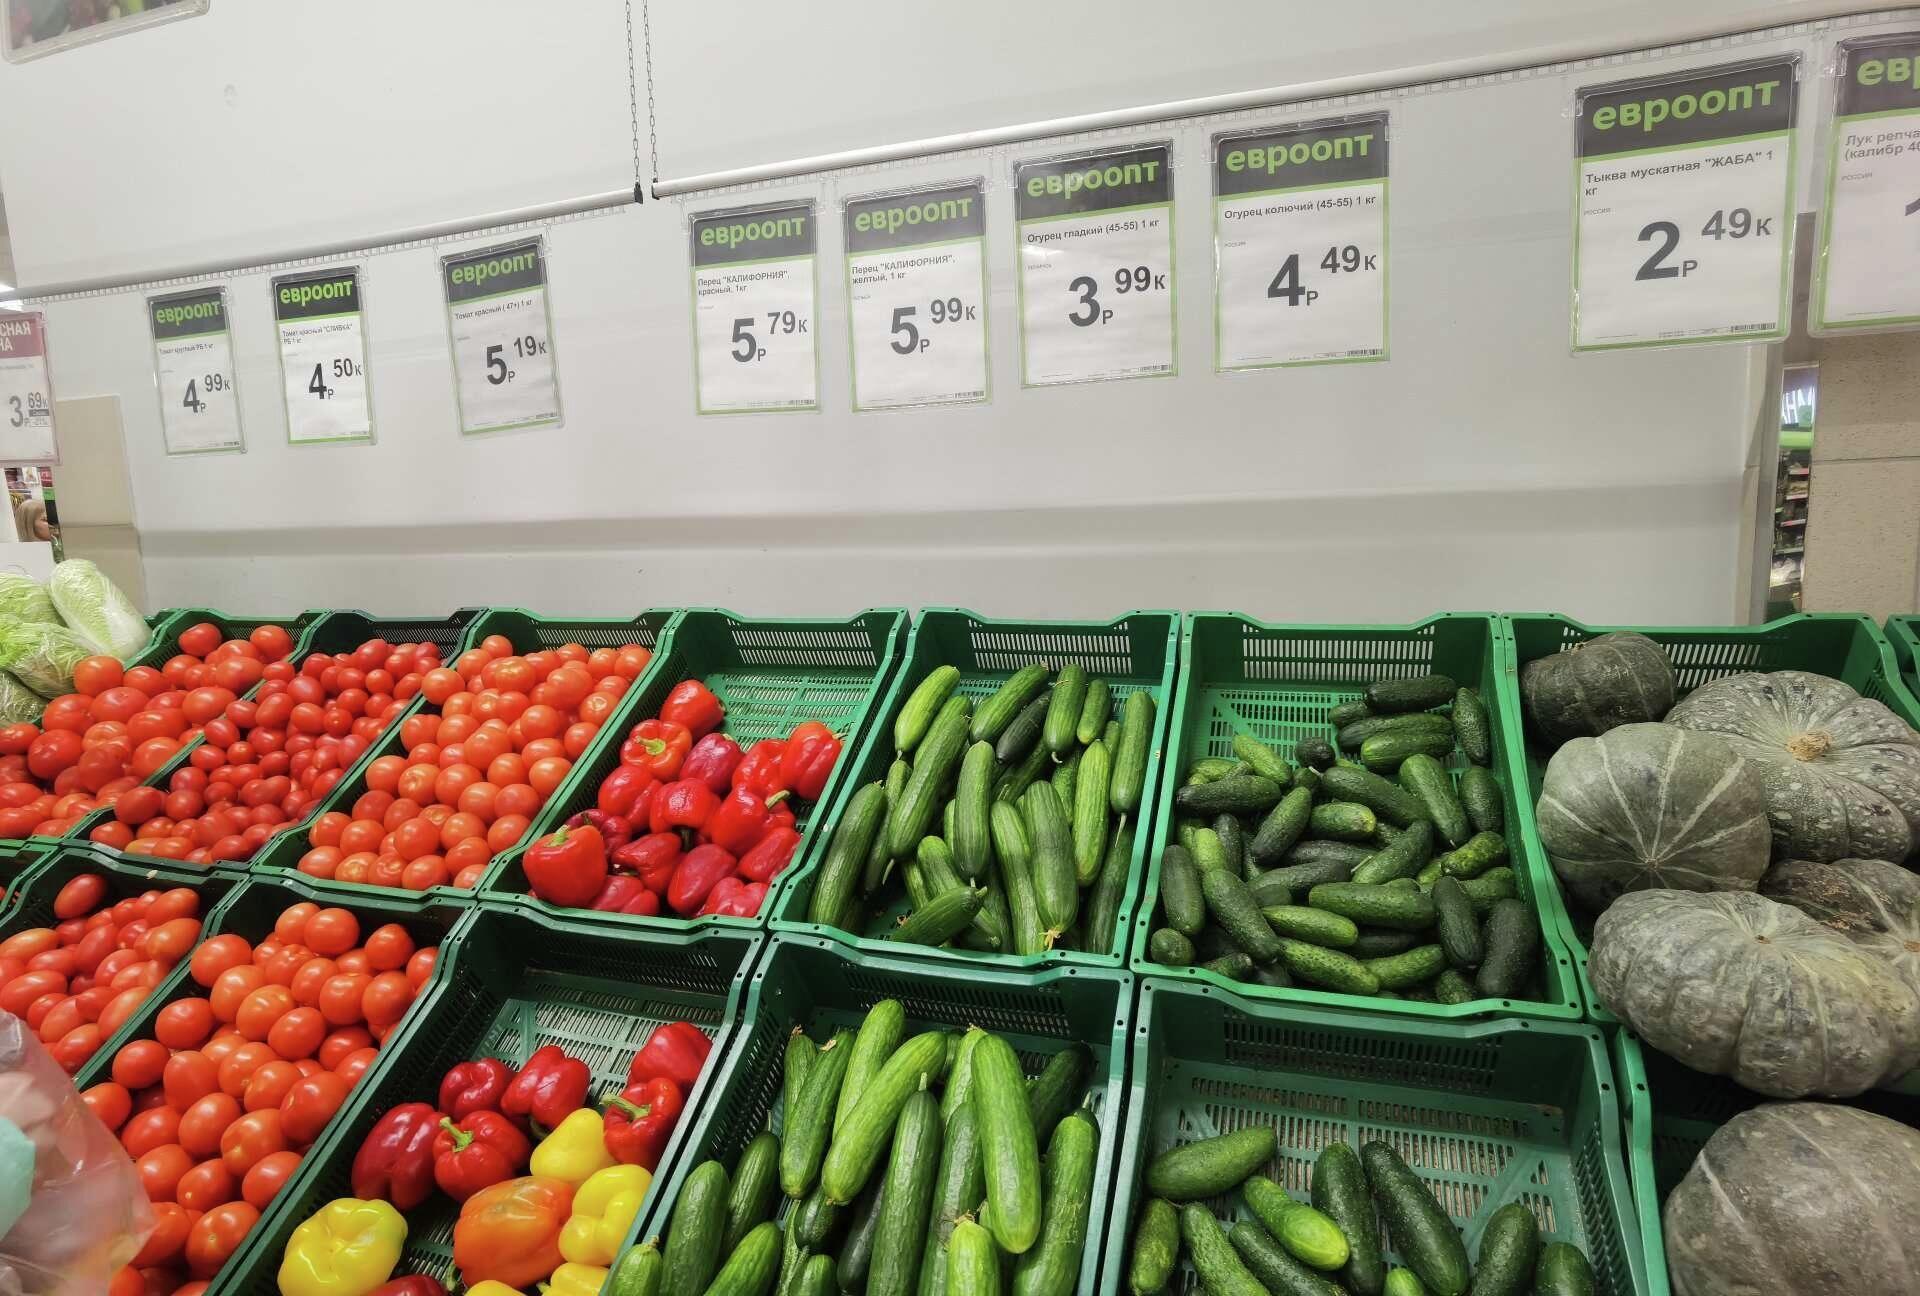 Цены на овощи в магазинах значительно выше - Sputnik Беларусь, 1920, 10.10.2021